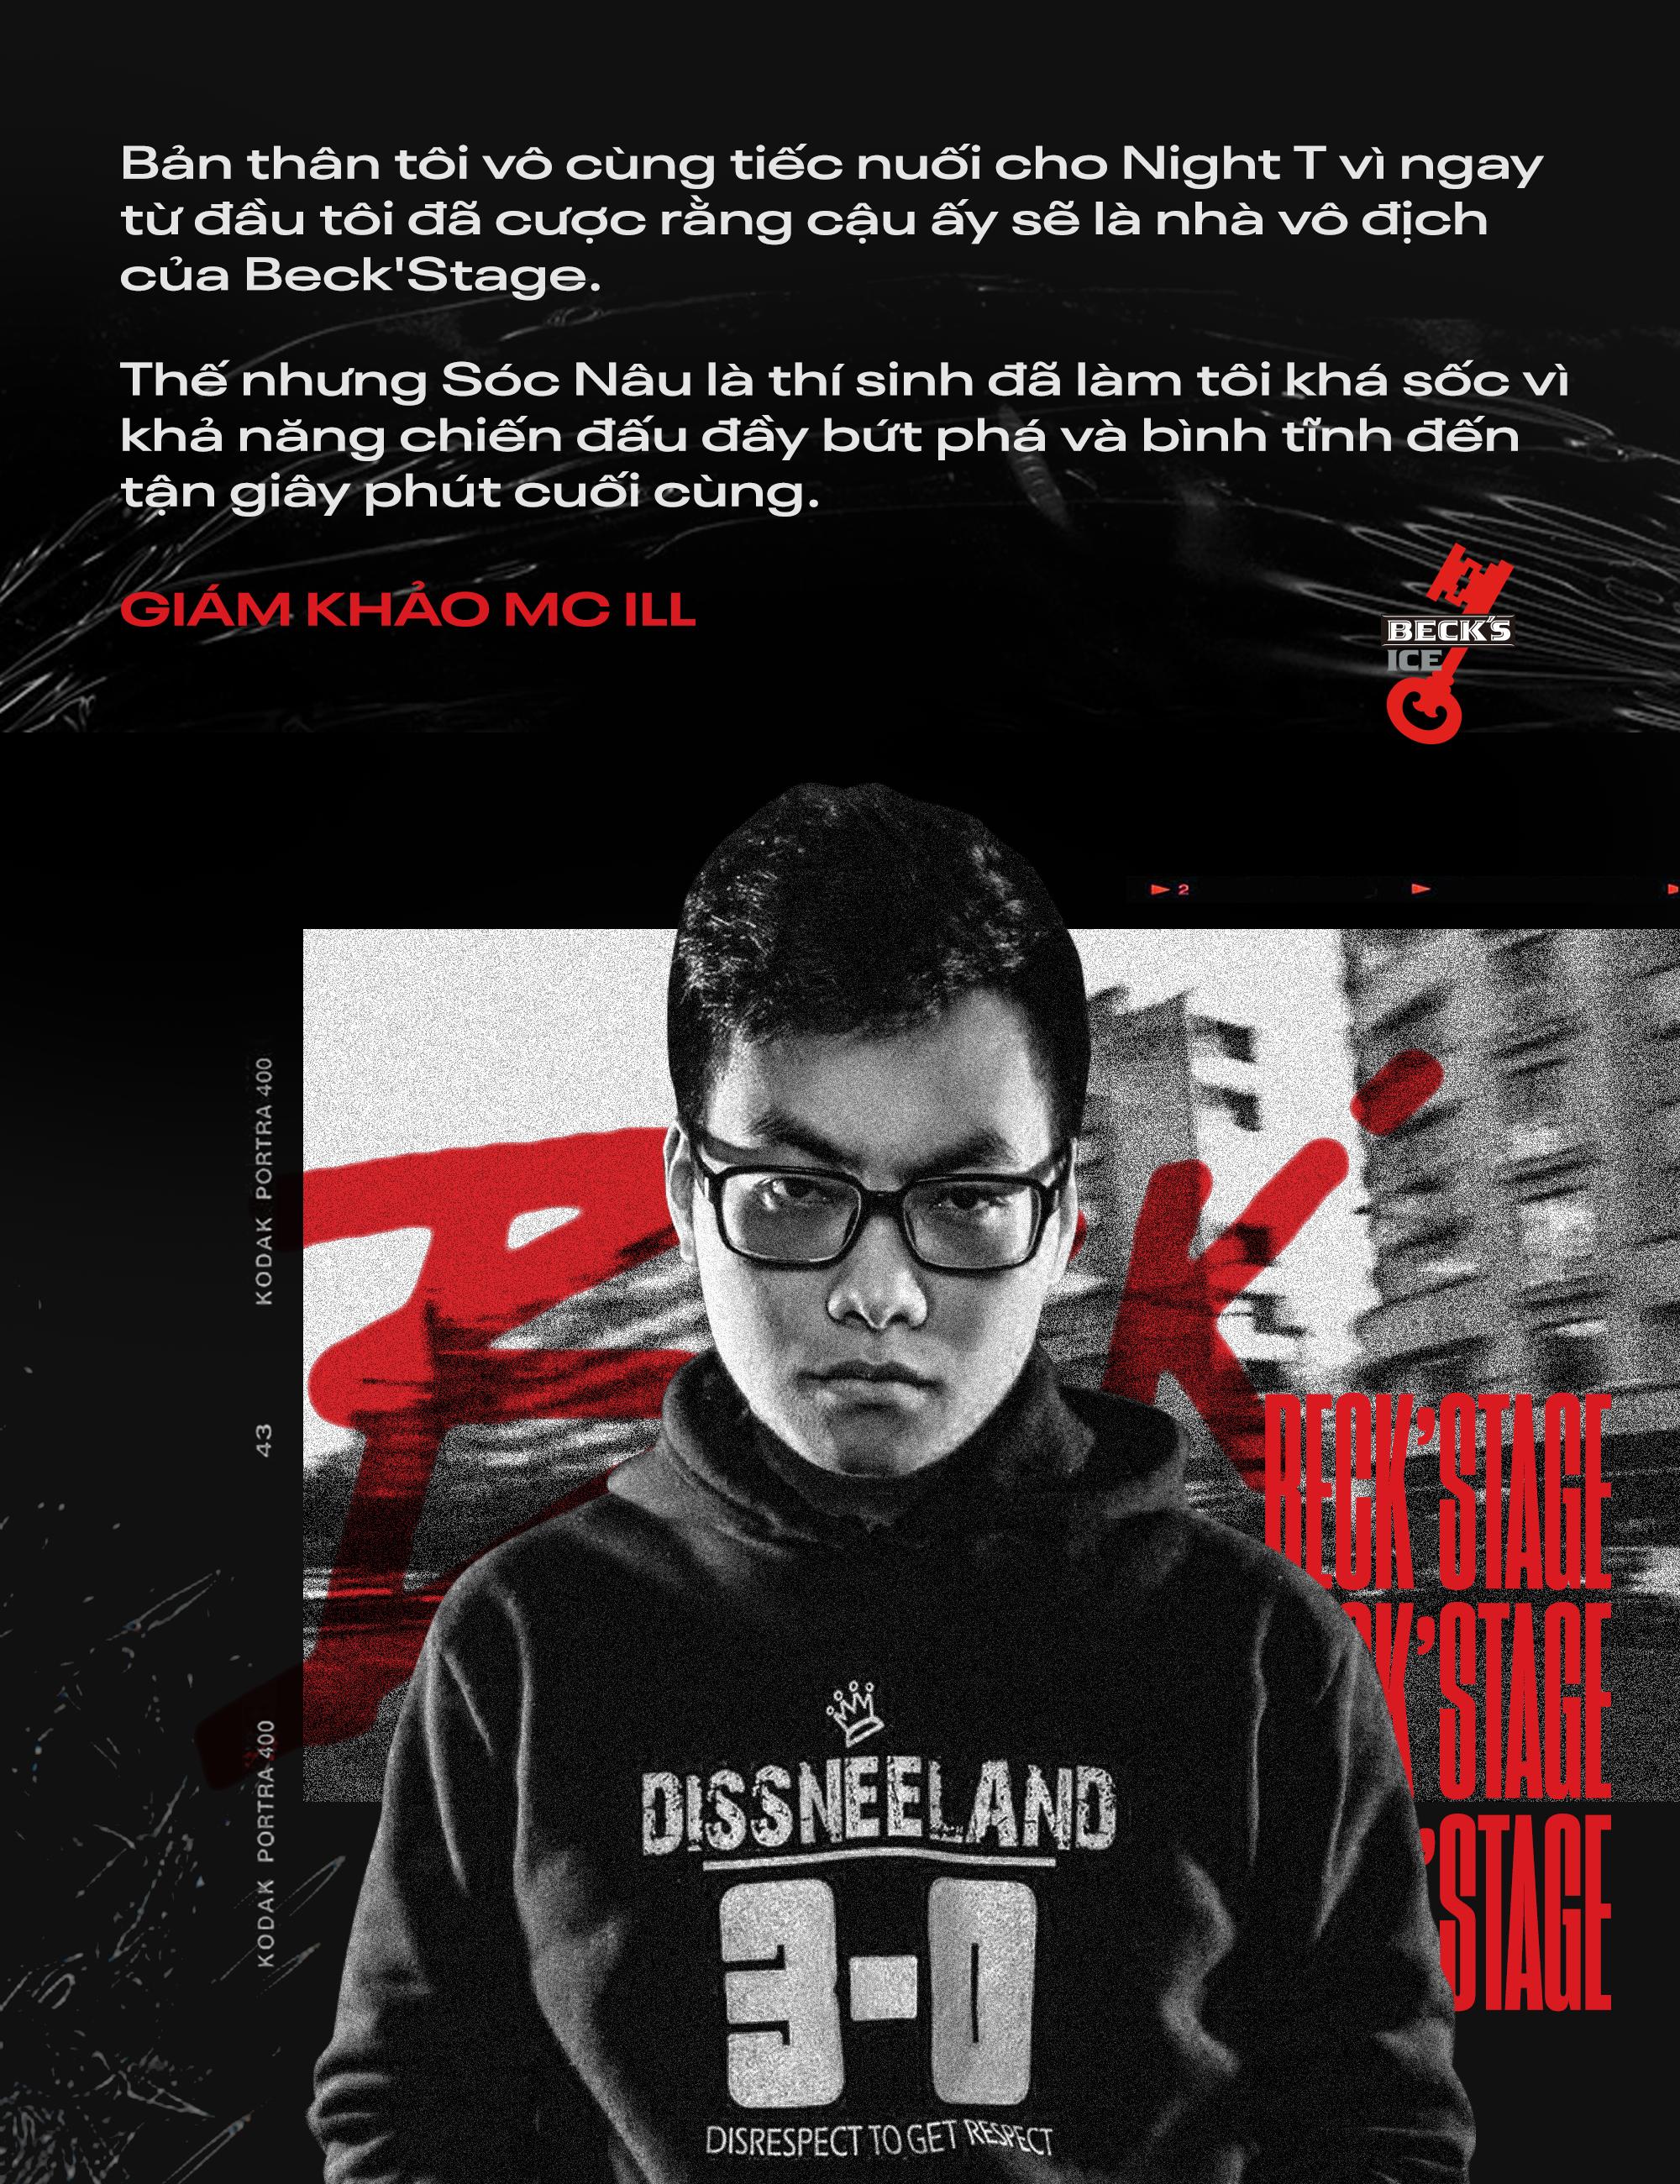 Ngôi vô địch BeckStage Battle Rap đã có chủ: Sóc Nâu và Phúc Du giành lấy ngôi vương đầy thuyết phục, một tương lai đầy hy vọng của rap Việt! - Ảnh 3.